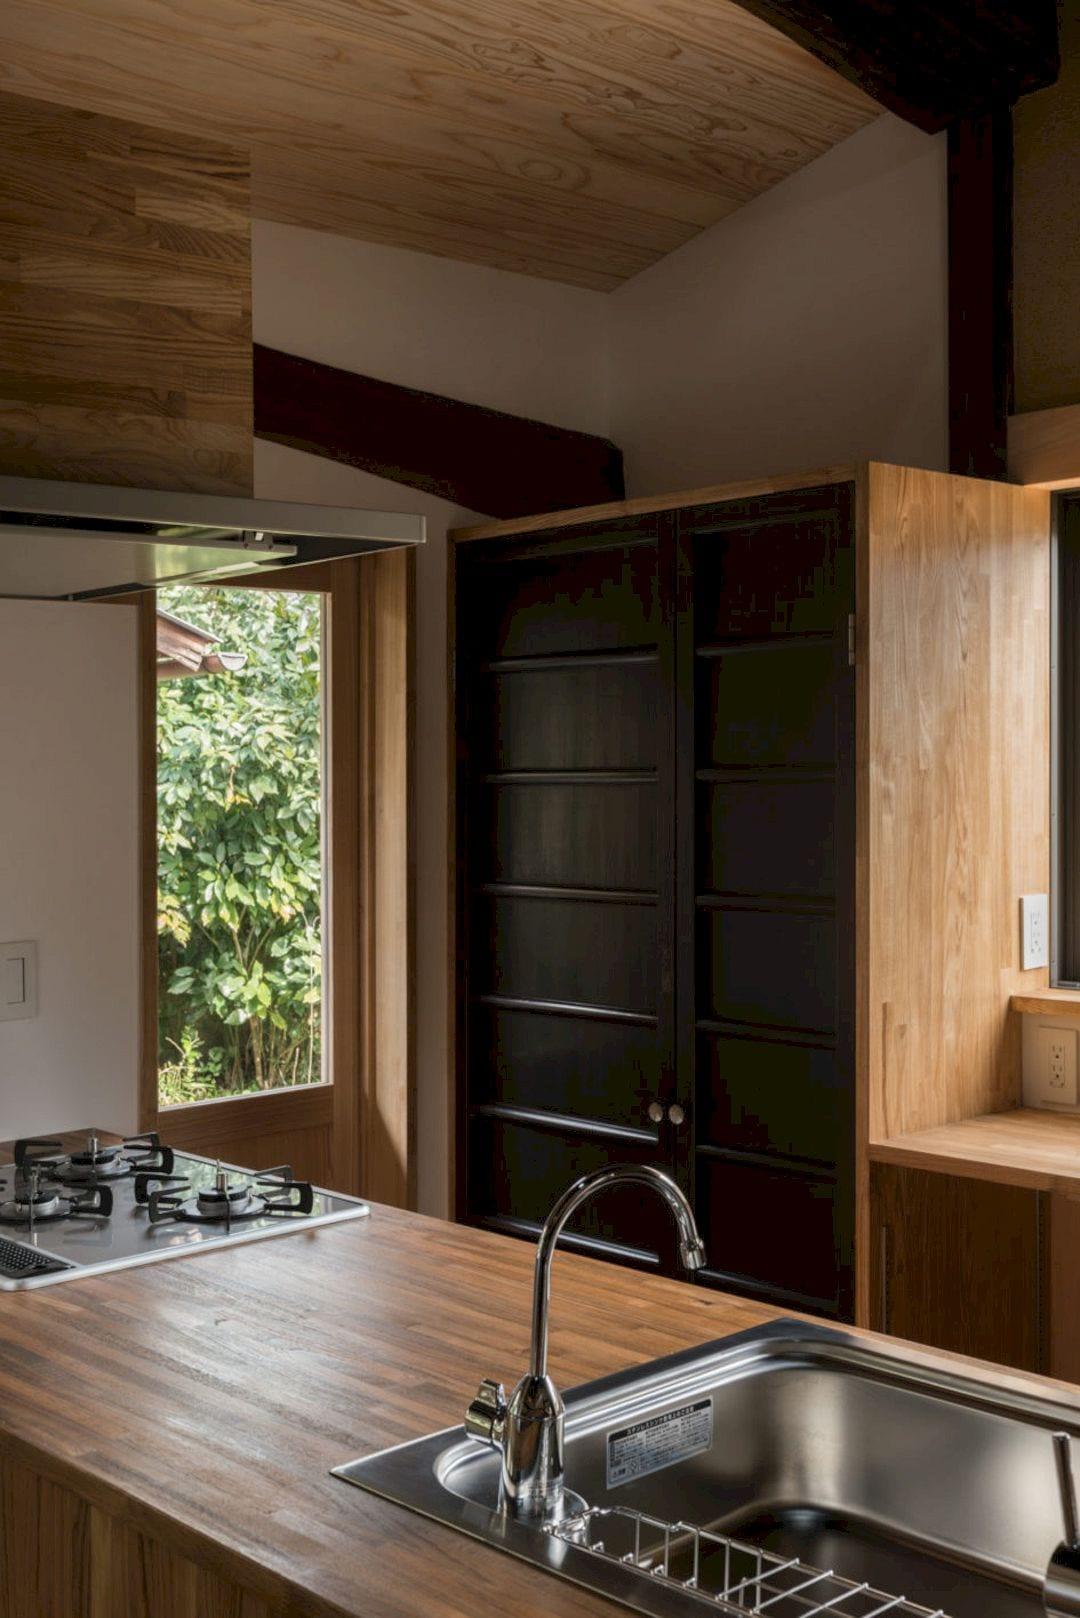 House In Shugaku In By Kazuya Morita Architecture Studio 2